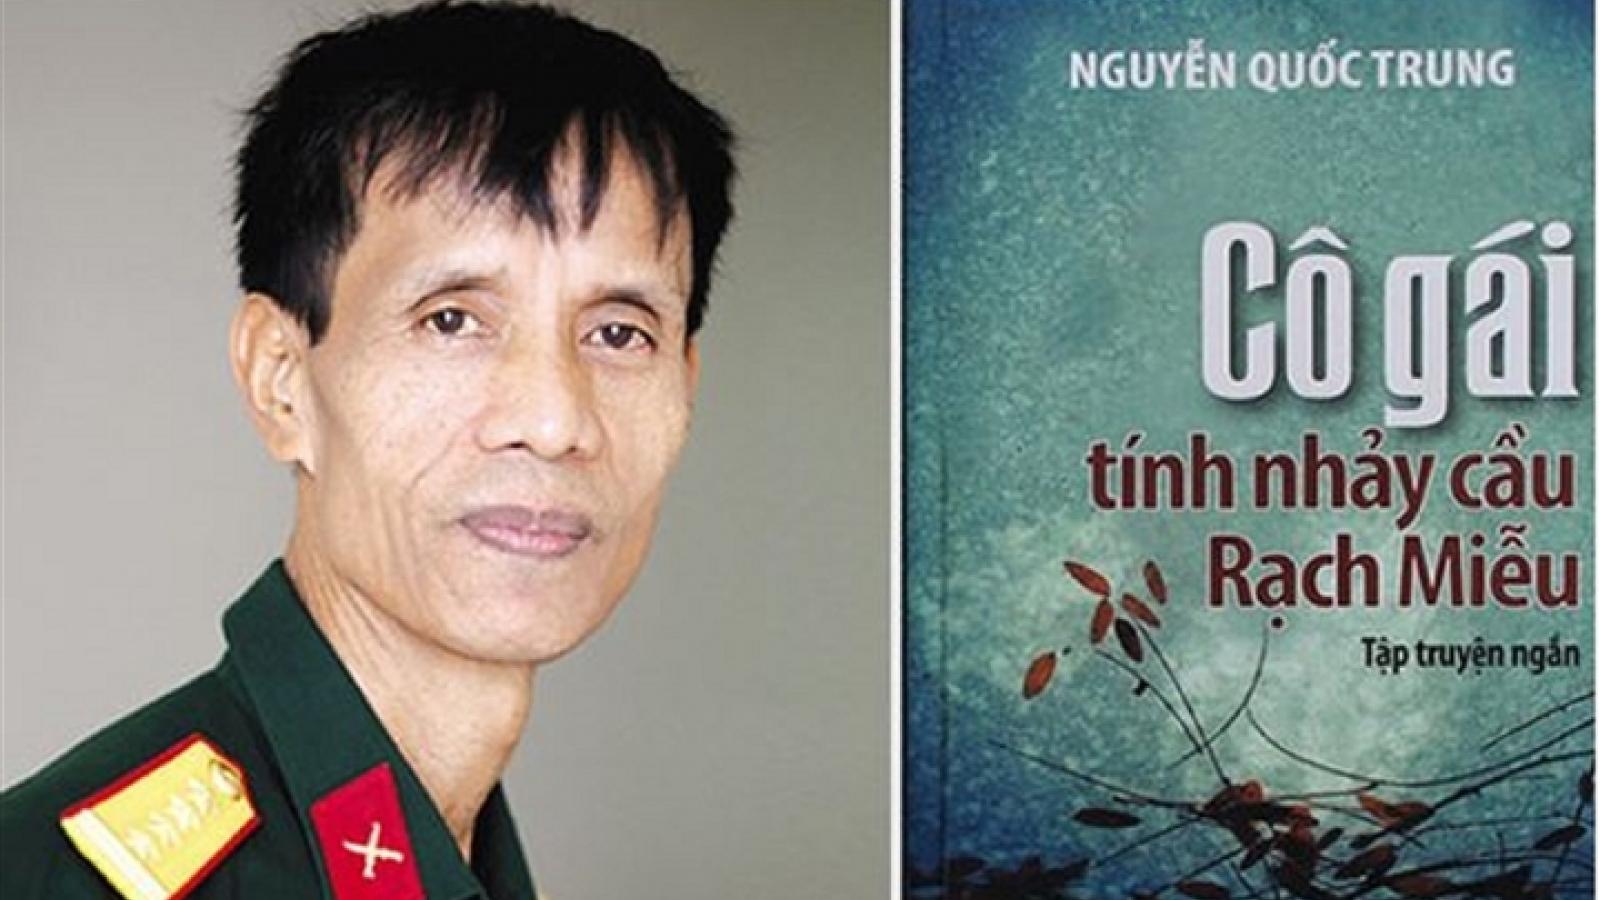 Nhà văn Nguyễn Quốc Trung qua đời sau 10 ngày điều trị Covid-19